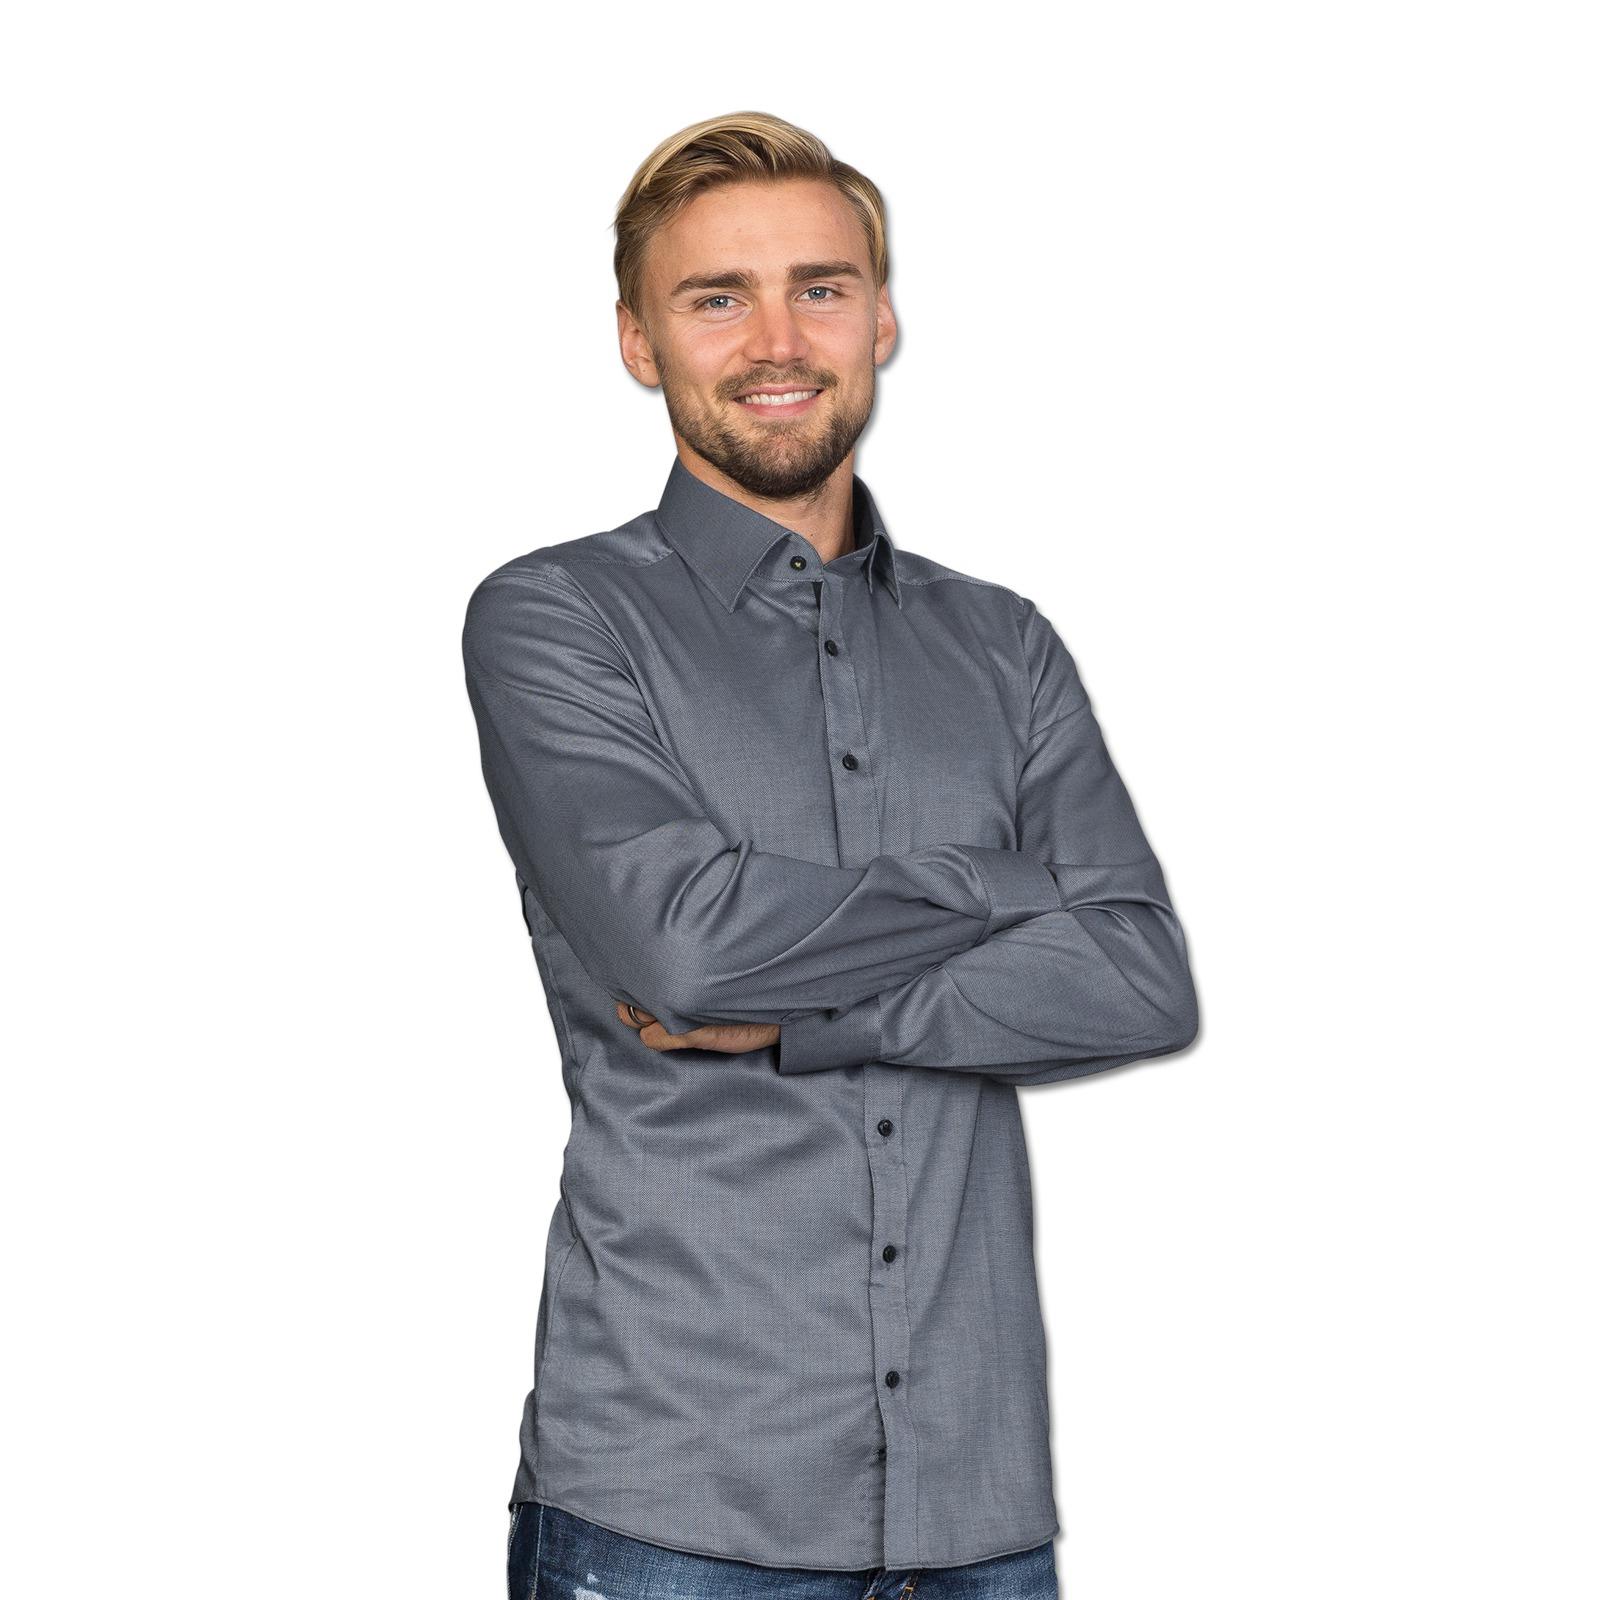 bvb hemd kariert body fit geschenke f r ihn herren offizieller bvb online fanshop. Black Bedroom Furniture Sets. Home Design Ideas